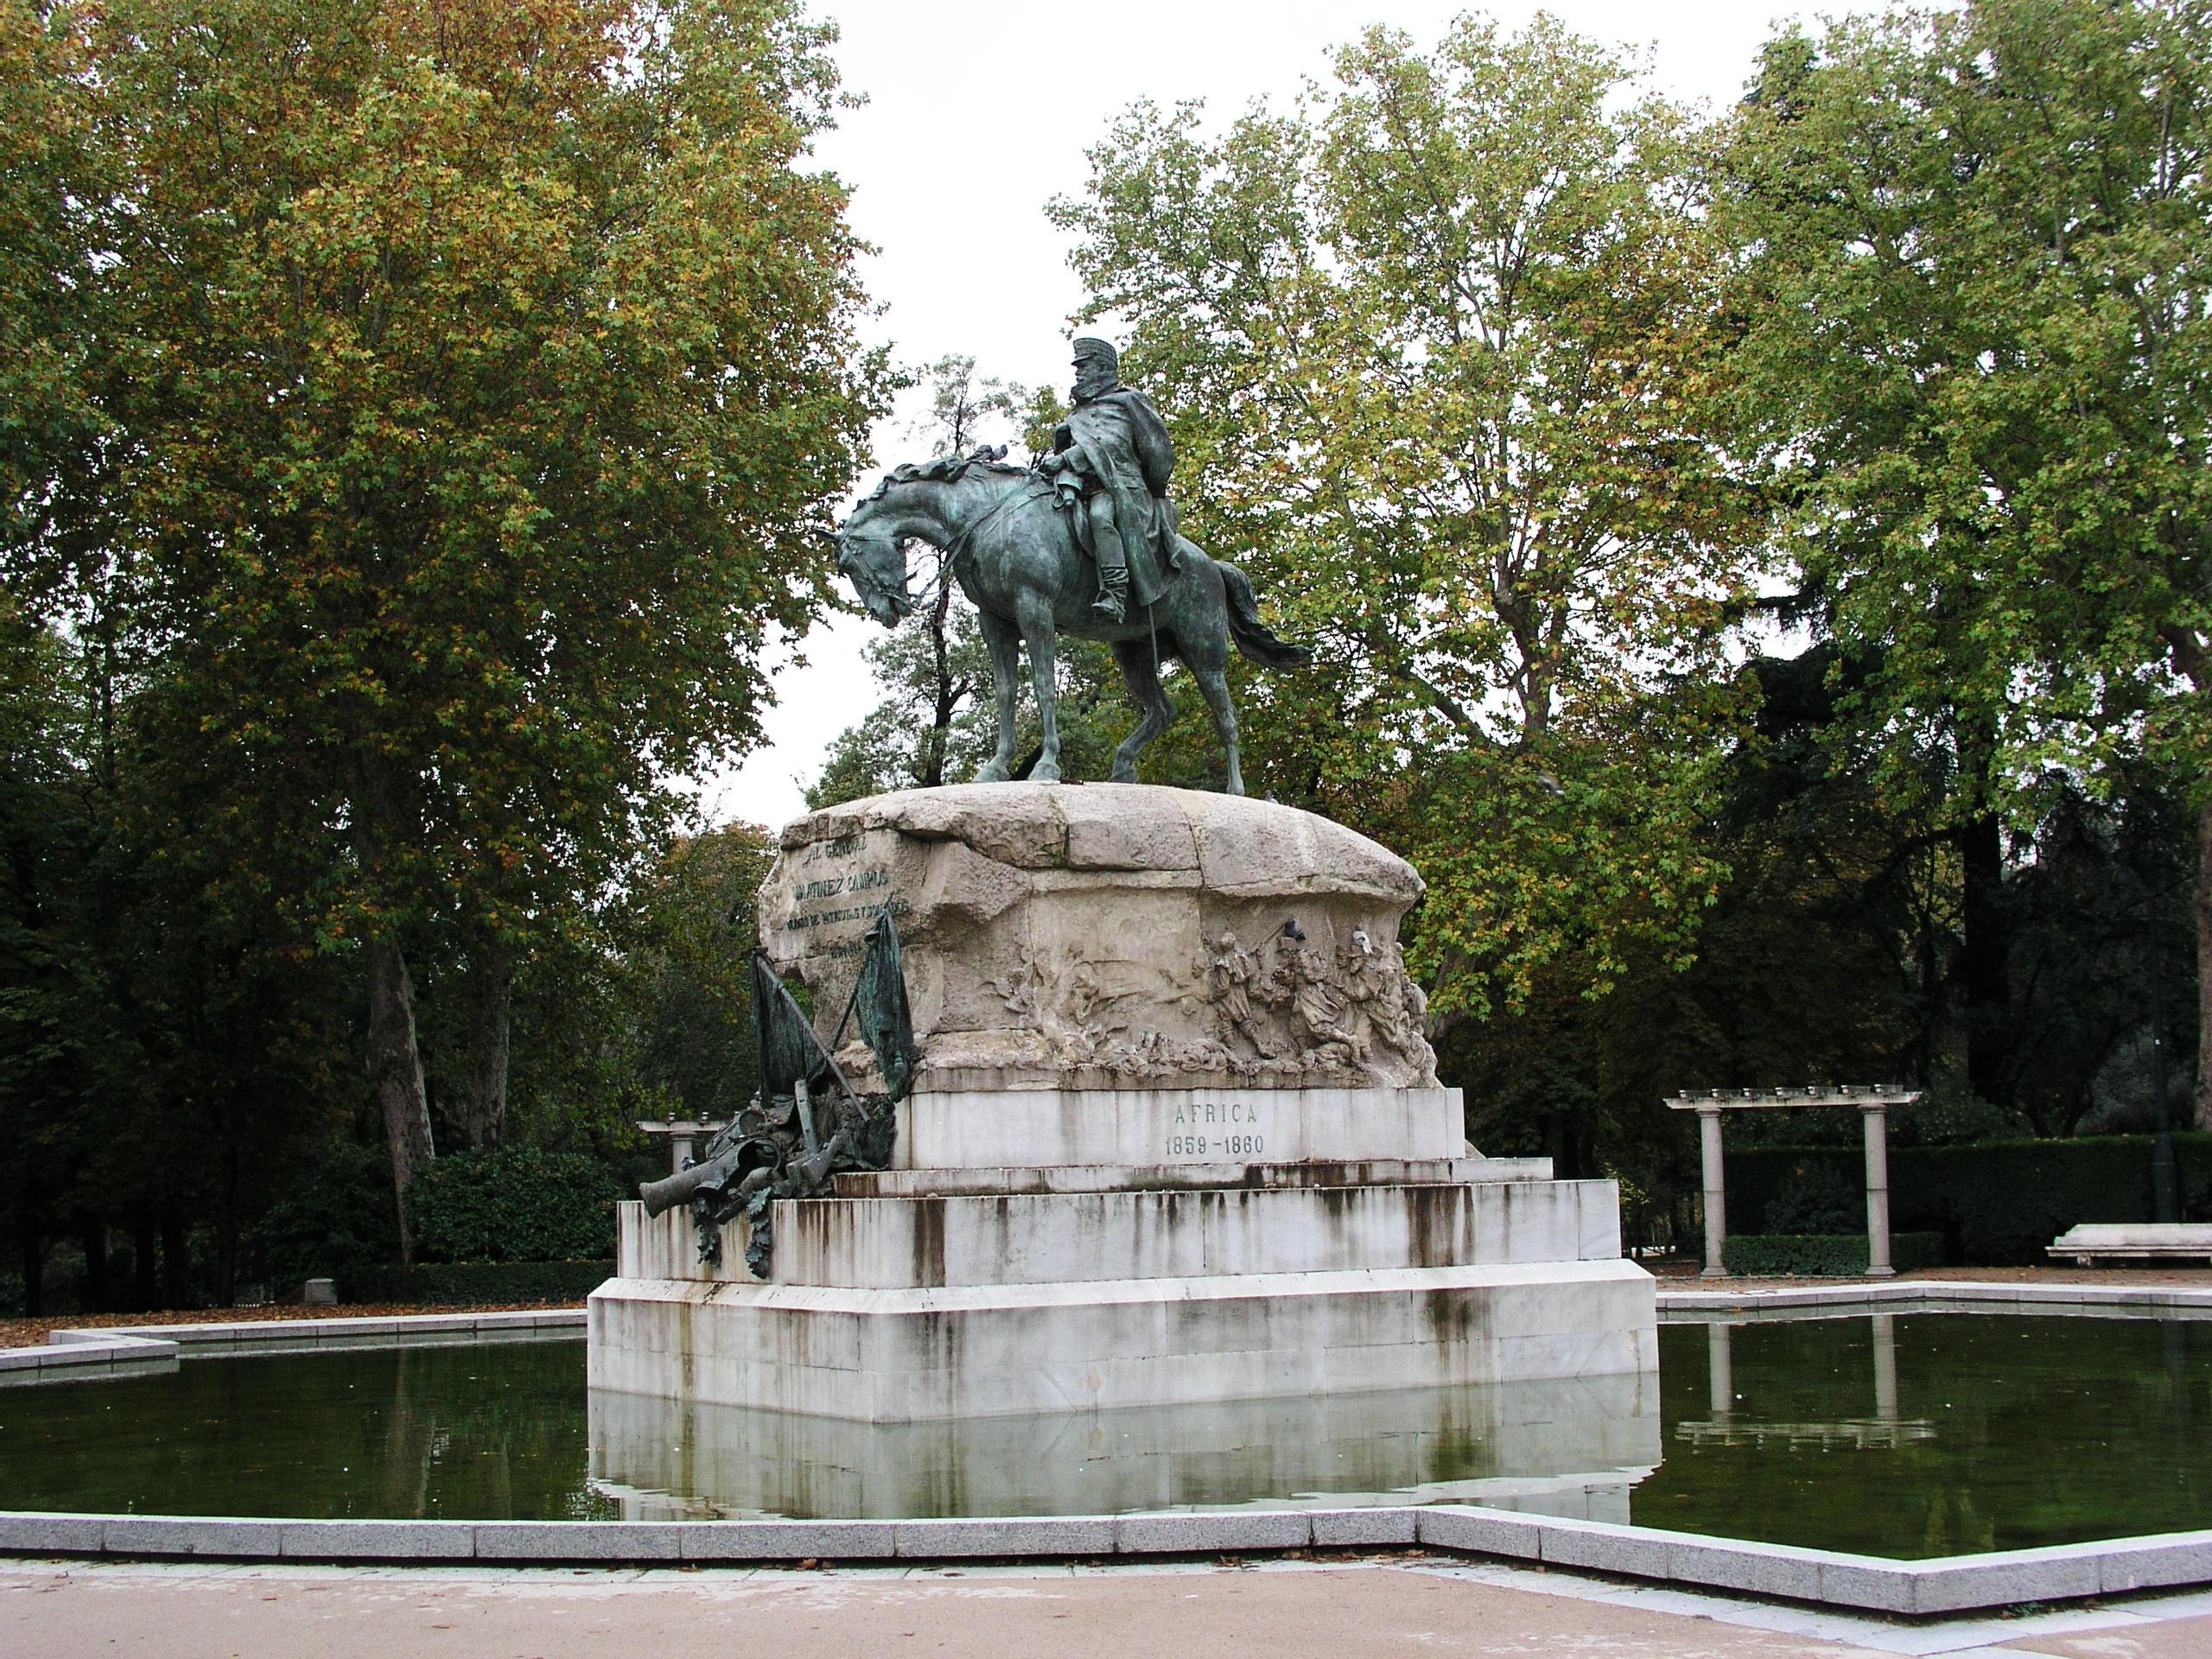 Consideraciones en torno a la propuesta del eje Prado-Retiro de Madrid como patrimonio mundial 13